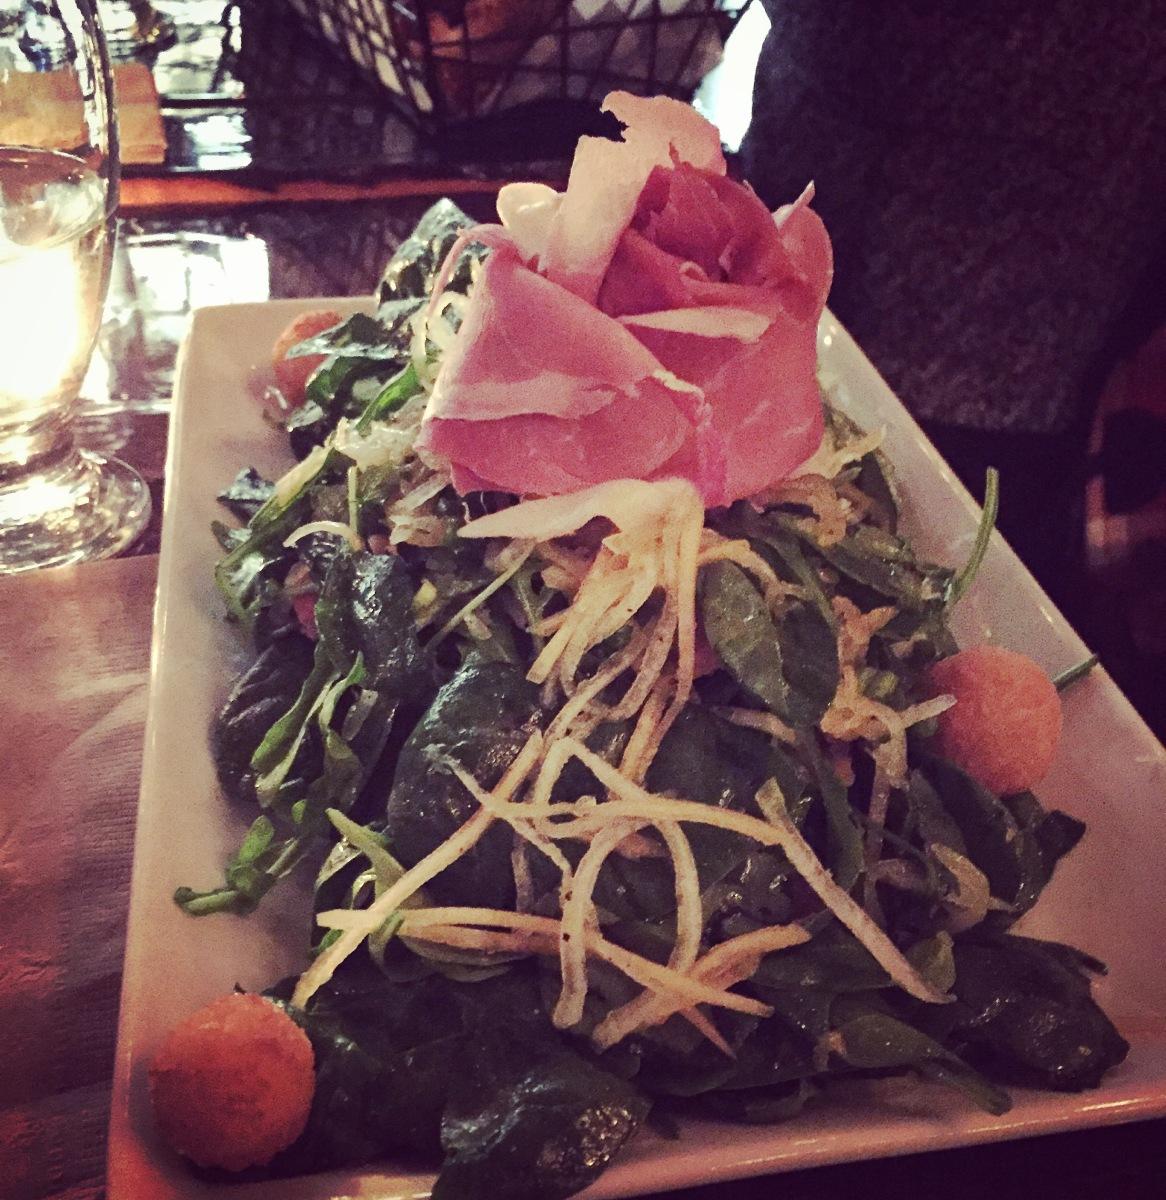 Une des salades-repas - avouez que la présentation est MAGNIFIQUE!